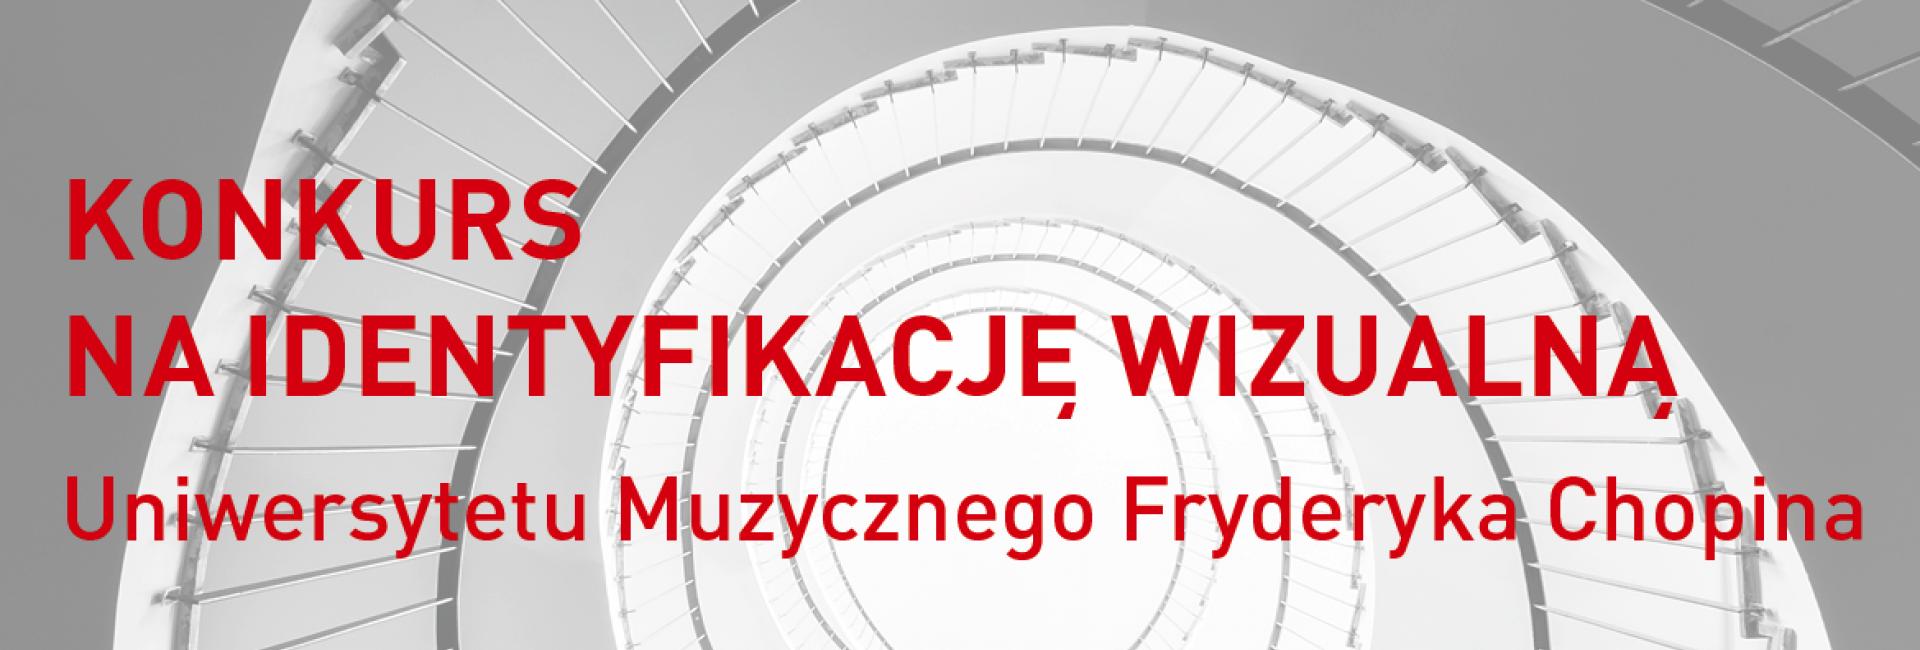 Konkurs na identyfikację Uniwersytetu Muzycznego Fryderyka Chopina – etap 1